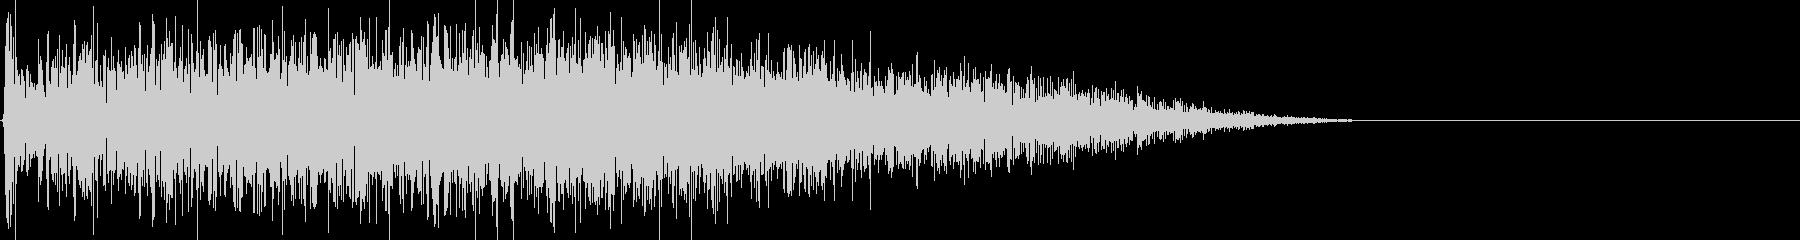 ディープローエンドノイズの影響の未再生の波形